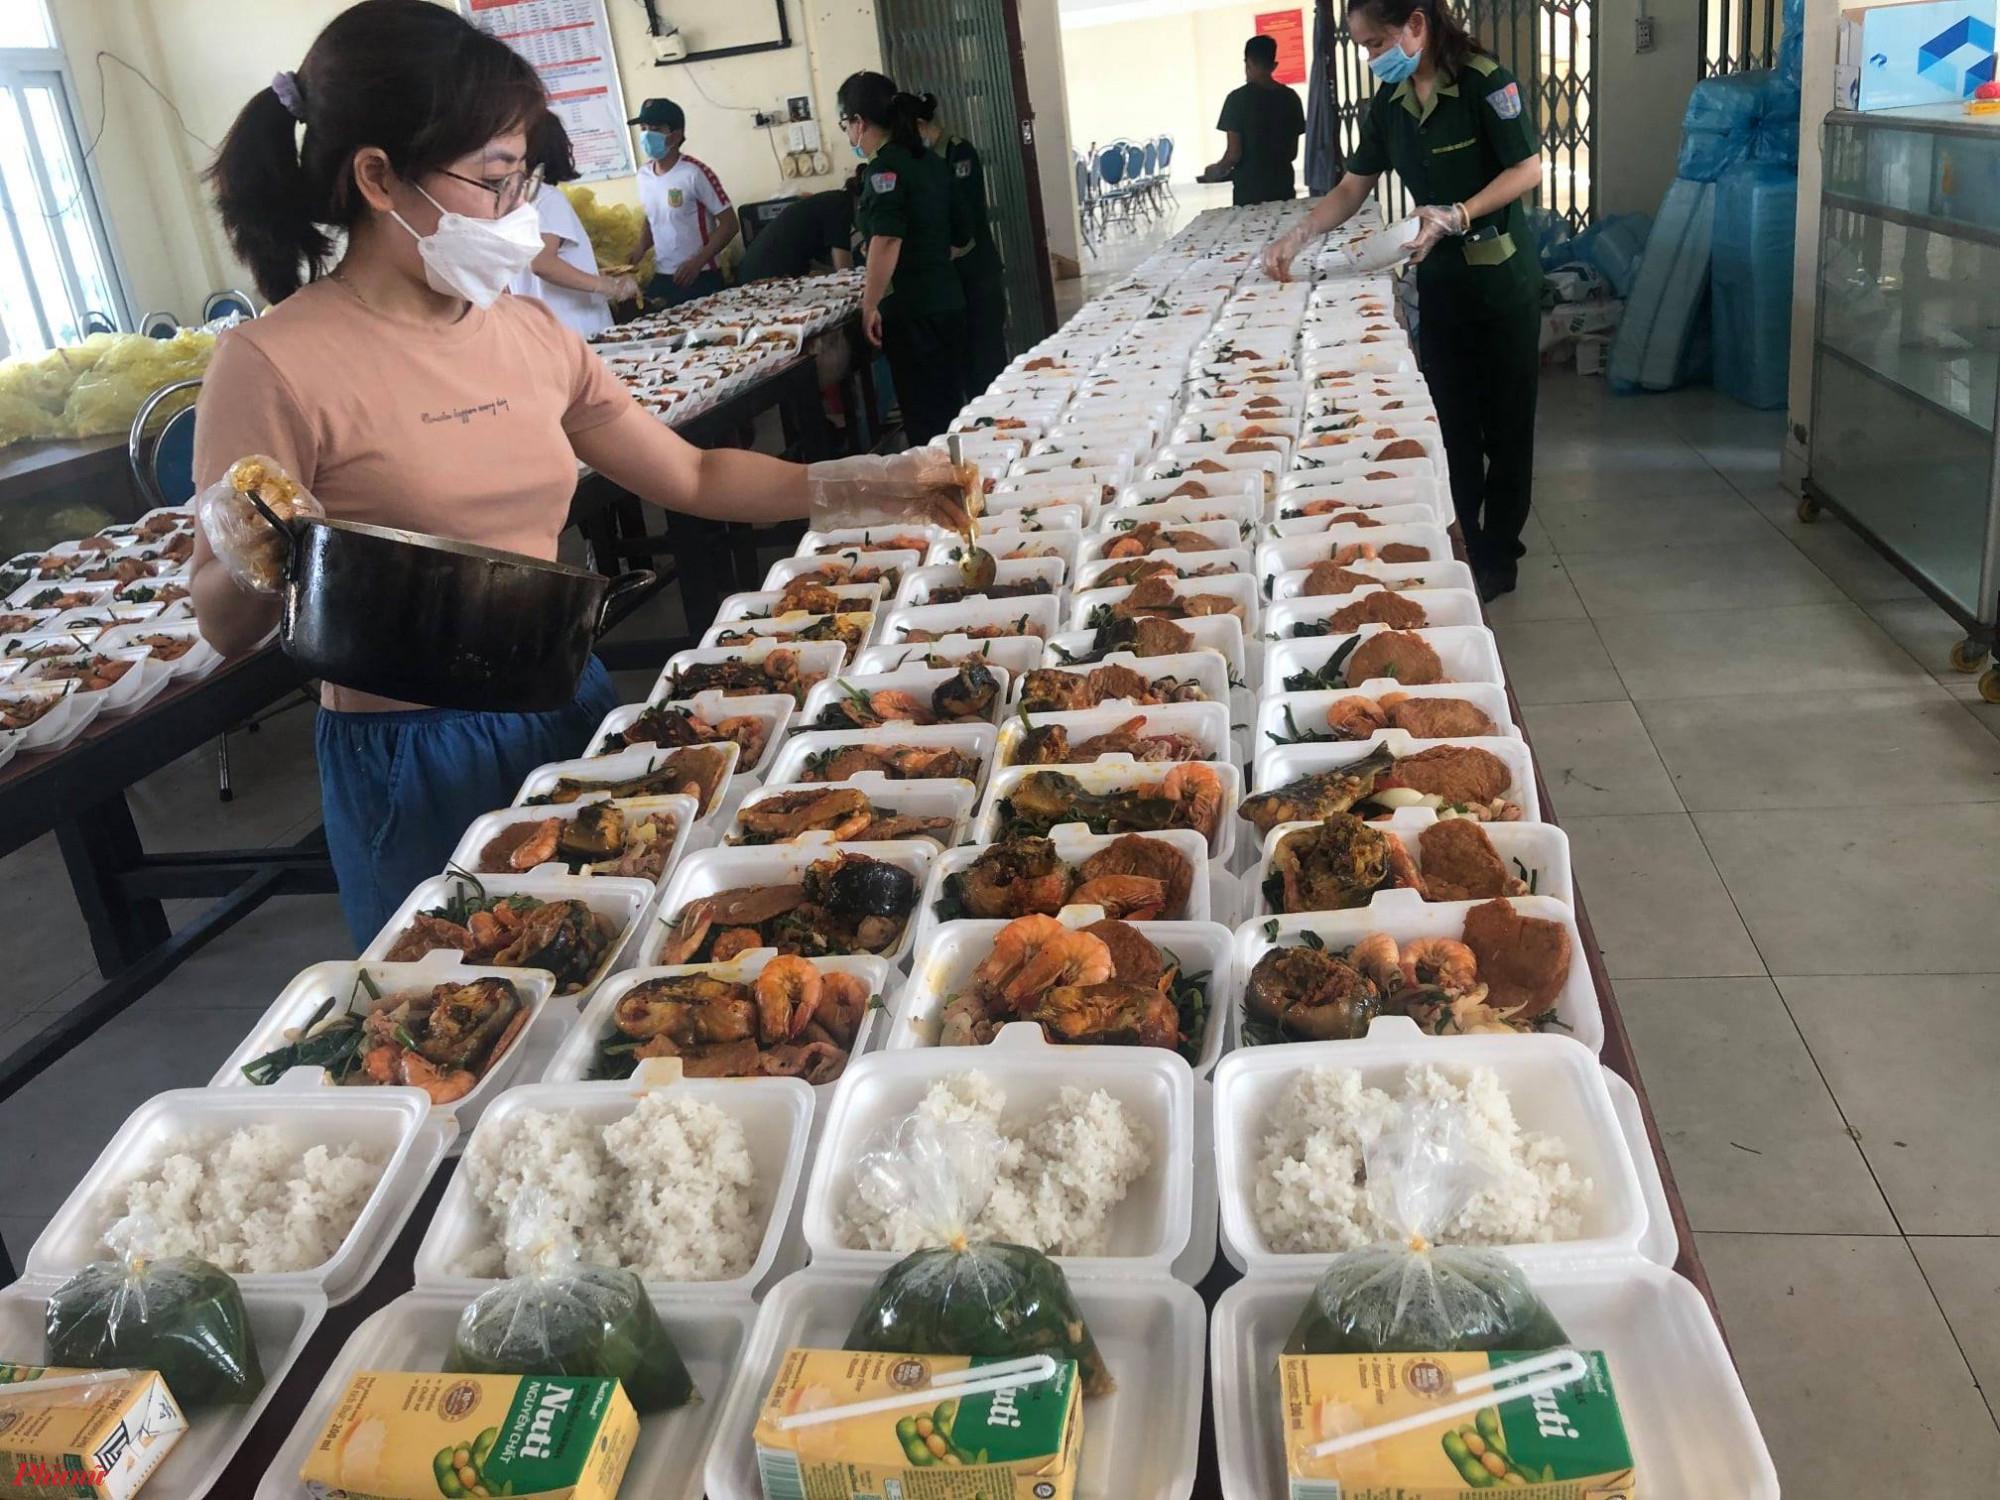 Theo thống kê của Ban chỉ đạo phòng chống COVID-19 Tỉnh Thừa Thiên - Huế tính đến 1/8 16 khu cách ly tập trung với hơn 10.000 chỗ tại tỉnh này vẫn bị quá tải